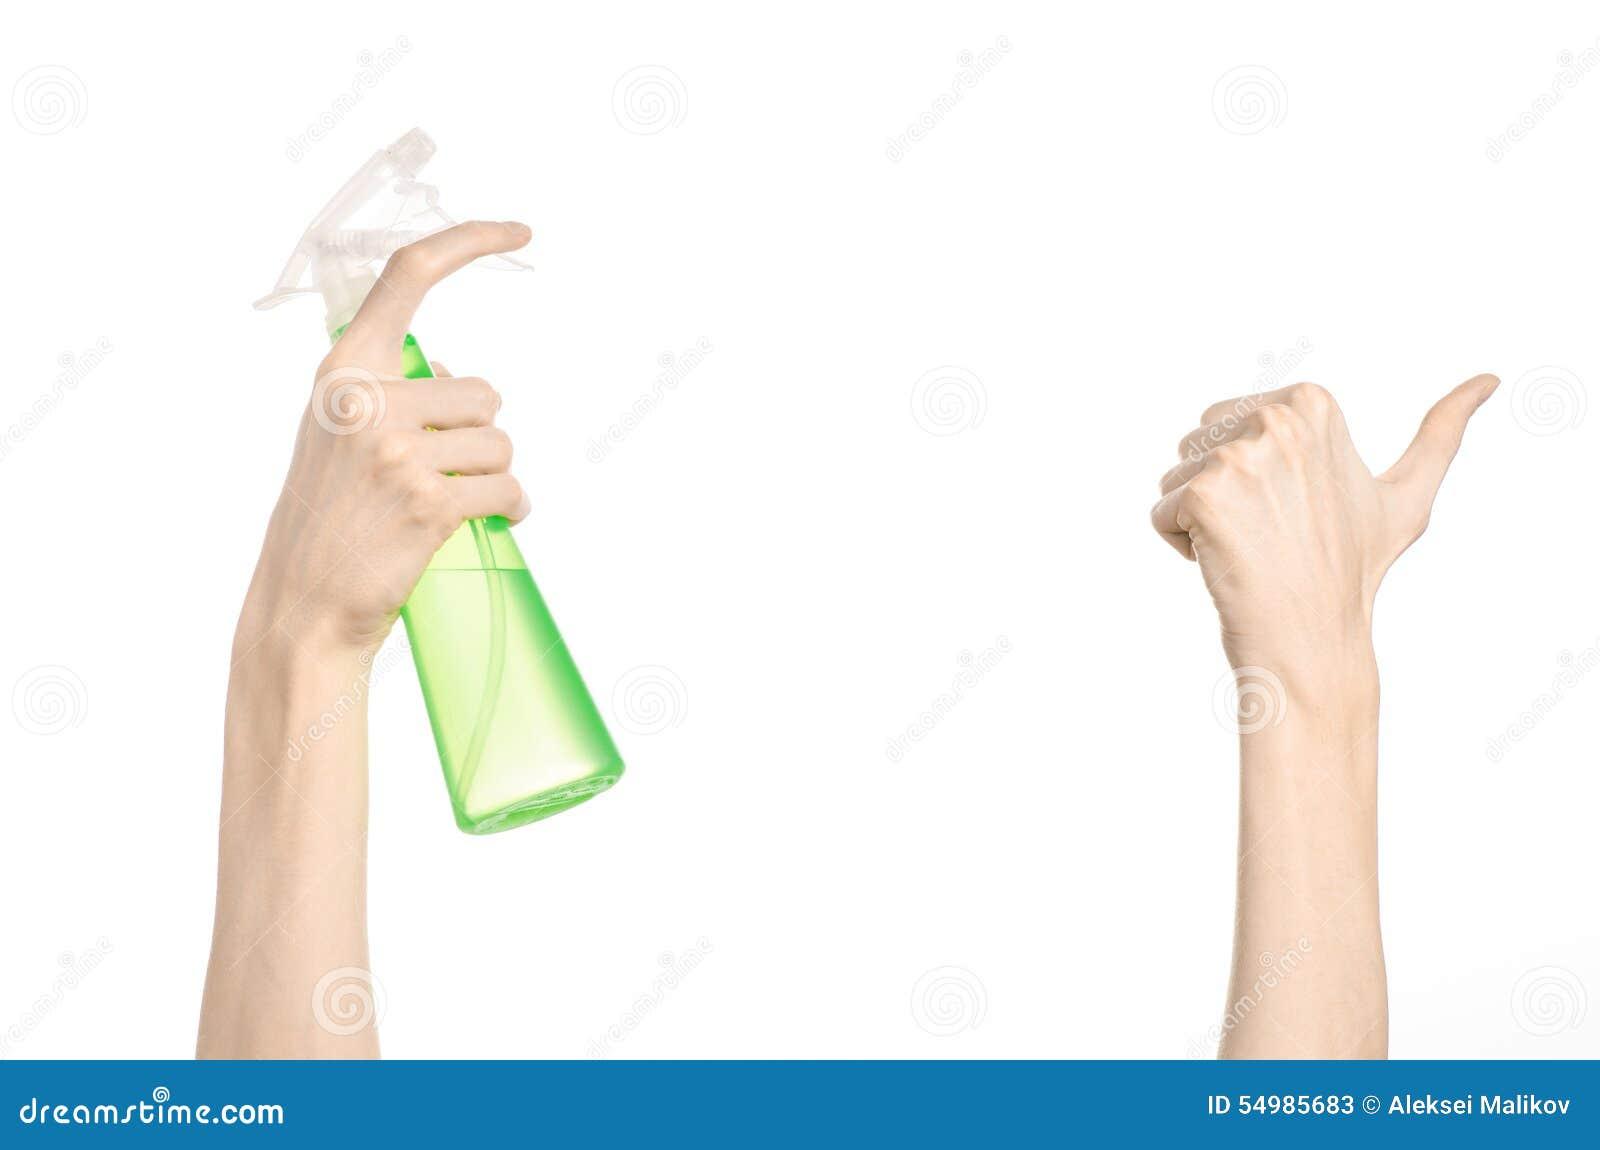 Säubern des Haus- und Reinigerthemas: die Hand des Mannes, die eine grüne Sprühflasche für das Säubern lokalisiert auf einem weiß